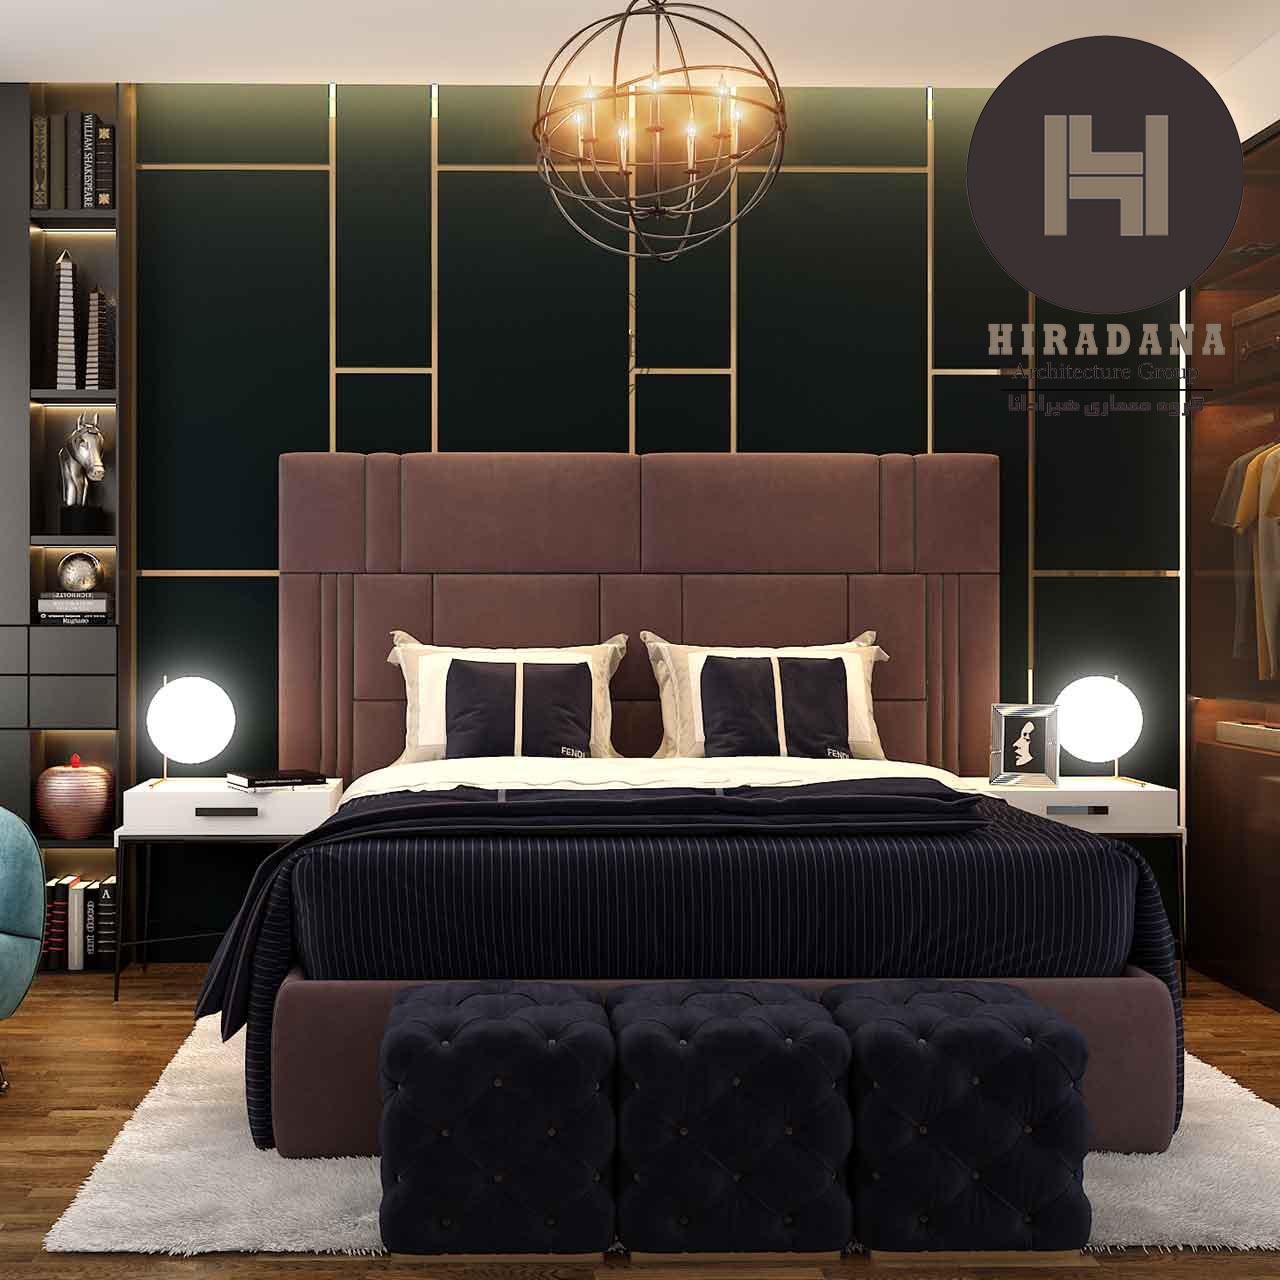 انتخاب رنگ مناسب برای طراحی دکوراسیون اتاق خواب